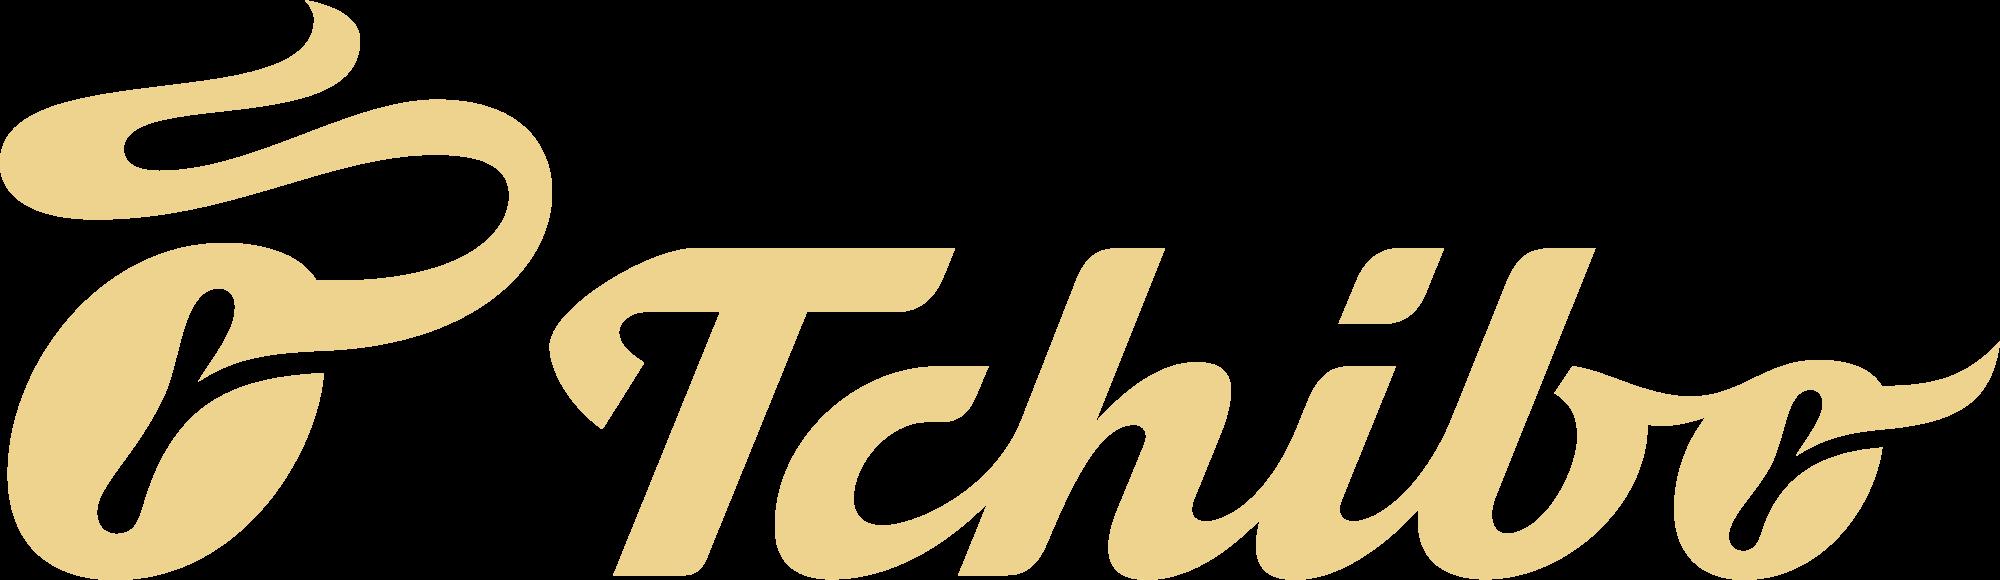 Mit Tchibo kann der Sommer kommen - Sponsor logo